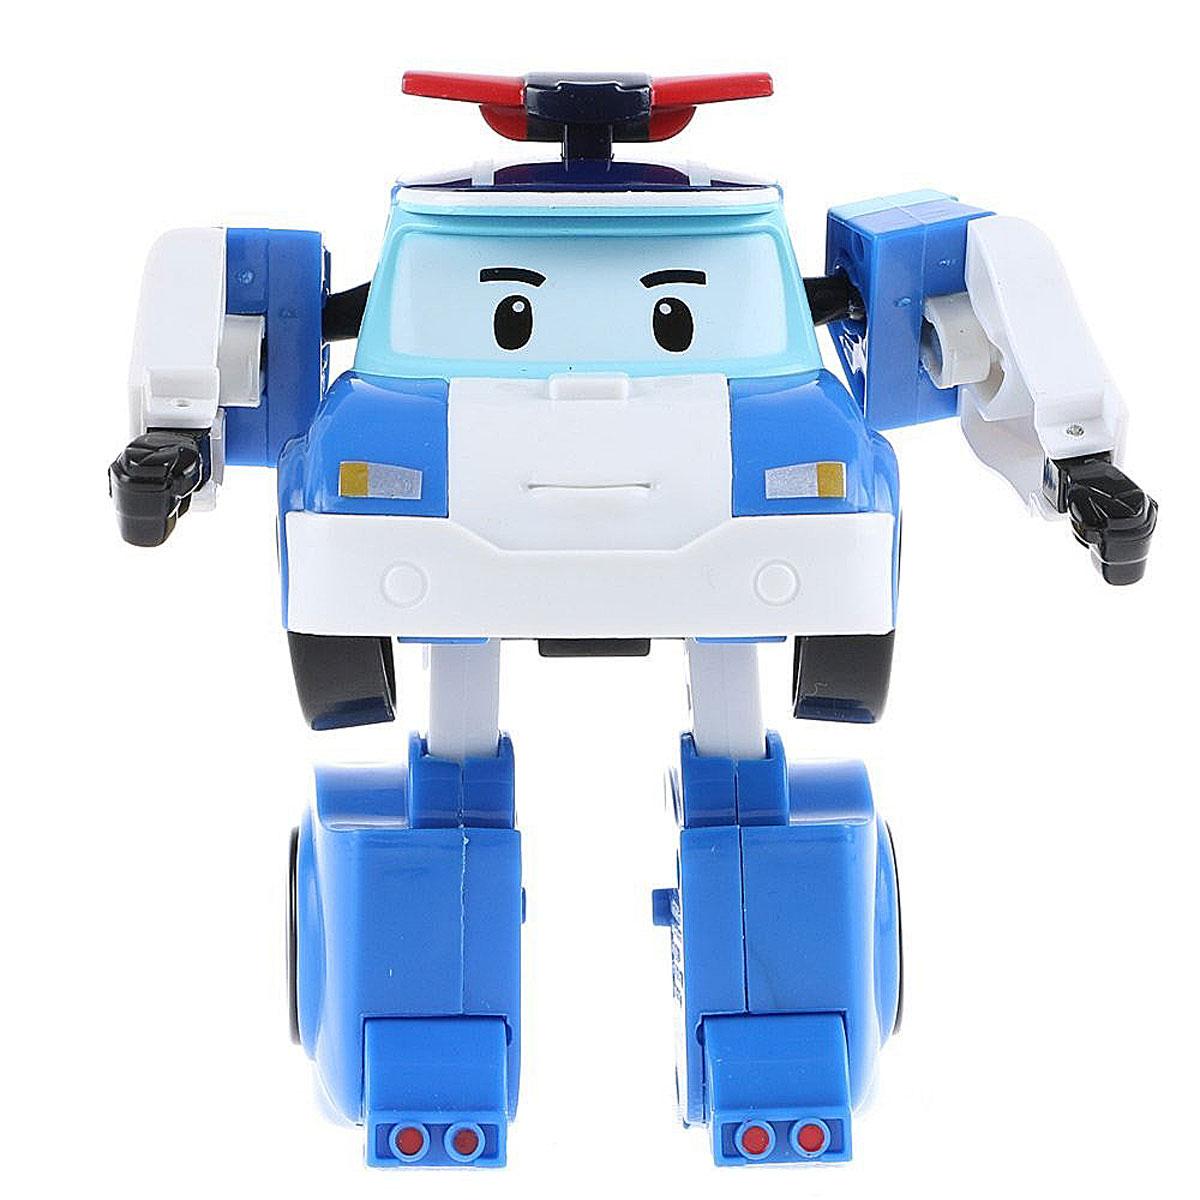 Robocar Poli Игрушка-трансформер Поли цвет белый голубой83171Оригинальная игрушка-трансформер Поли надолго займет внимание вашего ребенка. Игрушка выполнена из безопасного пластика белого и голубого цветов в виде Поли. Игрушка имеет две вариации: первая - мальчик-робот, вторая - полицейская машина. Эта игрушка непременно понравится вашему малышу. Порадуйте ребенка таким замечательным подарком!